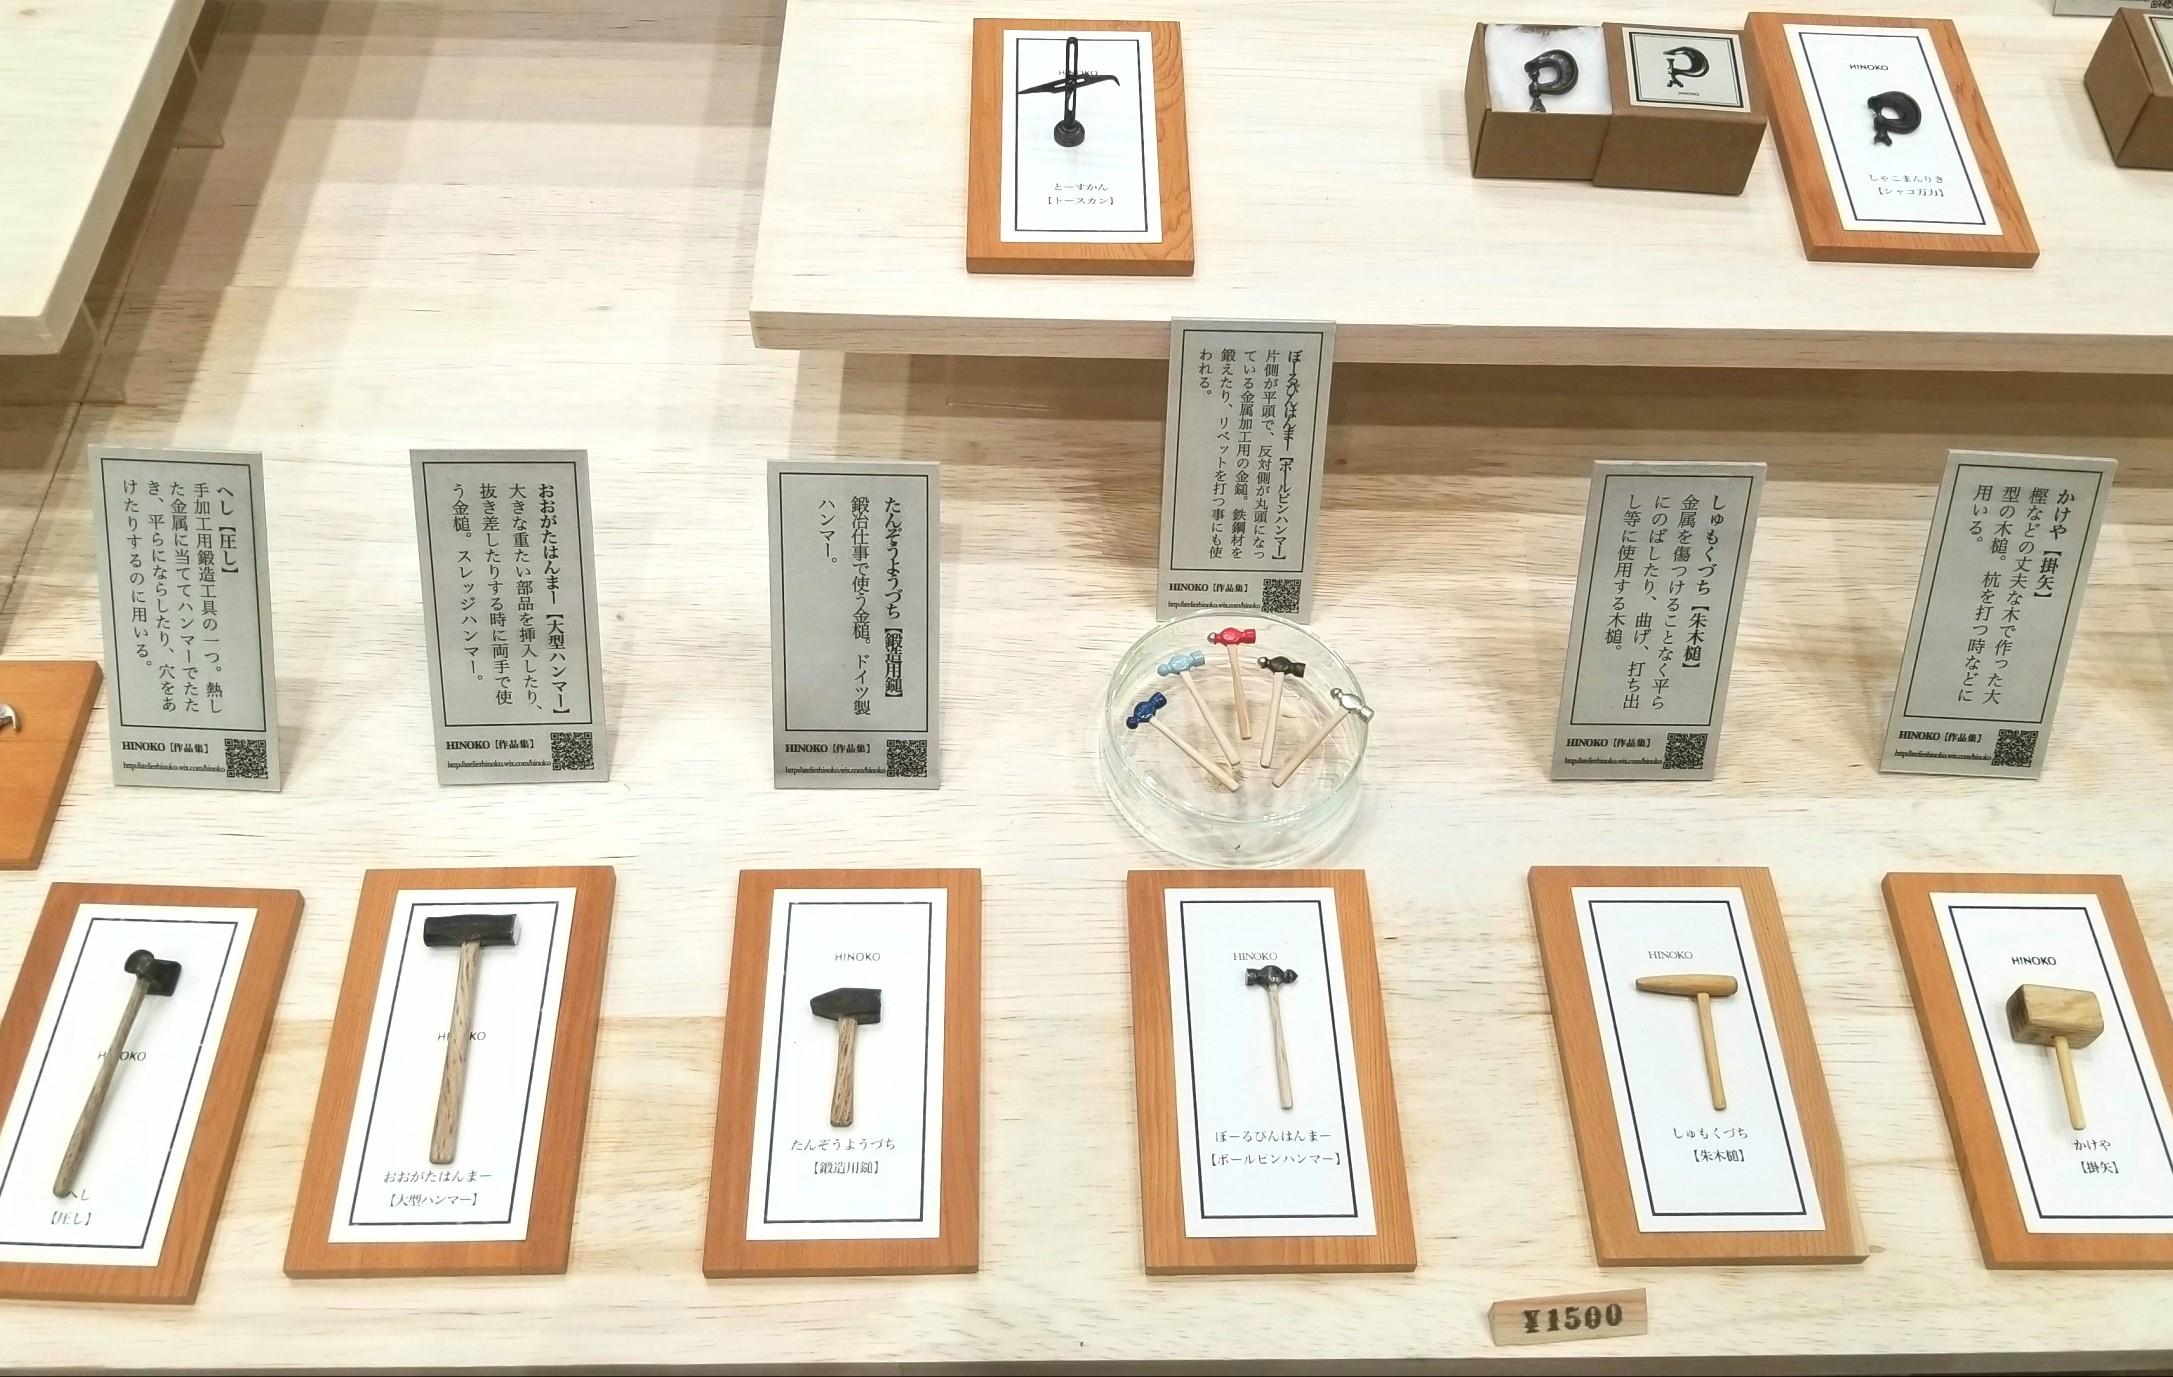 HINOKO,ミニチュア,工具,金づち,トンカチ,ハンドメイド